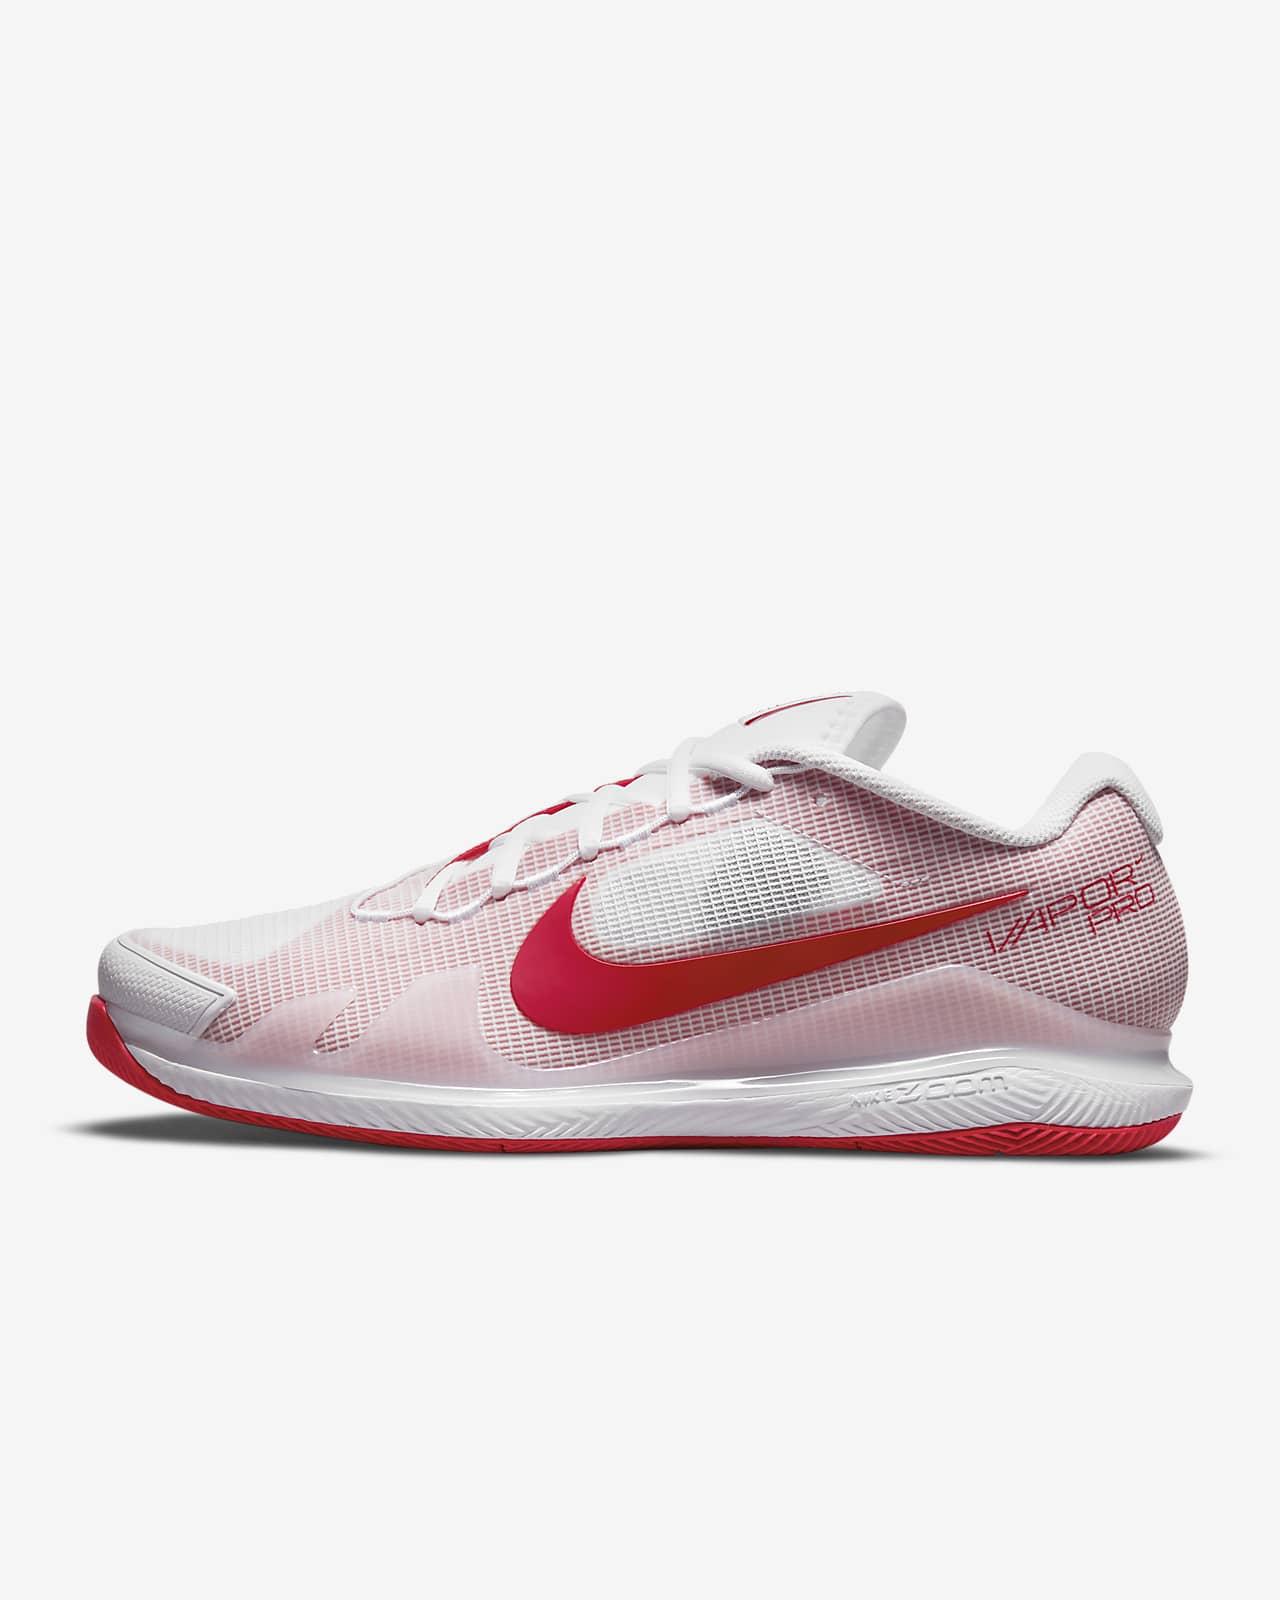 NikeCourt Air Zoom Vapor Pro tennissko til hardcourt til herre